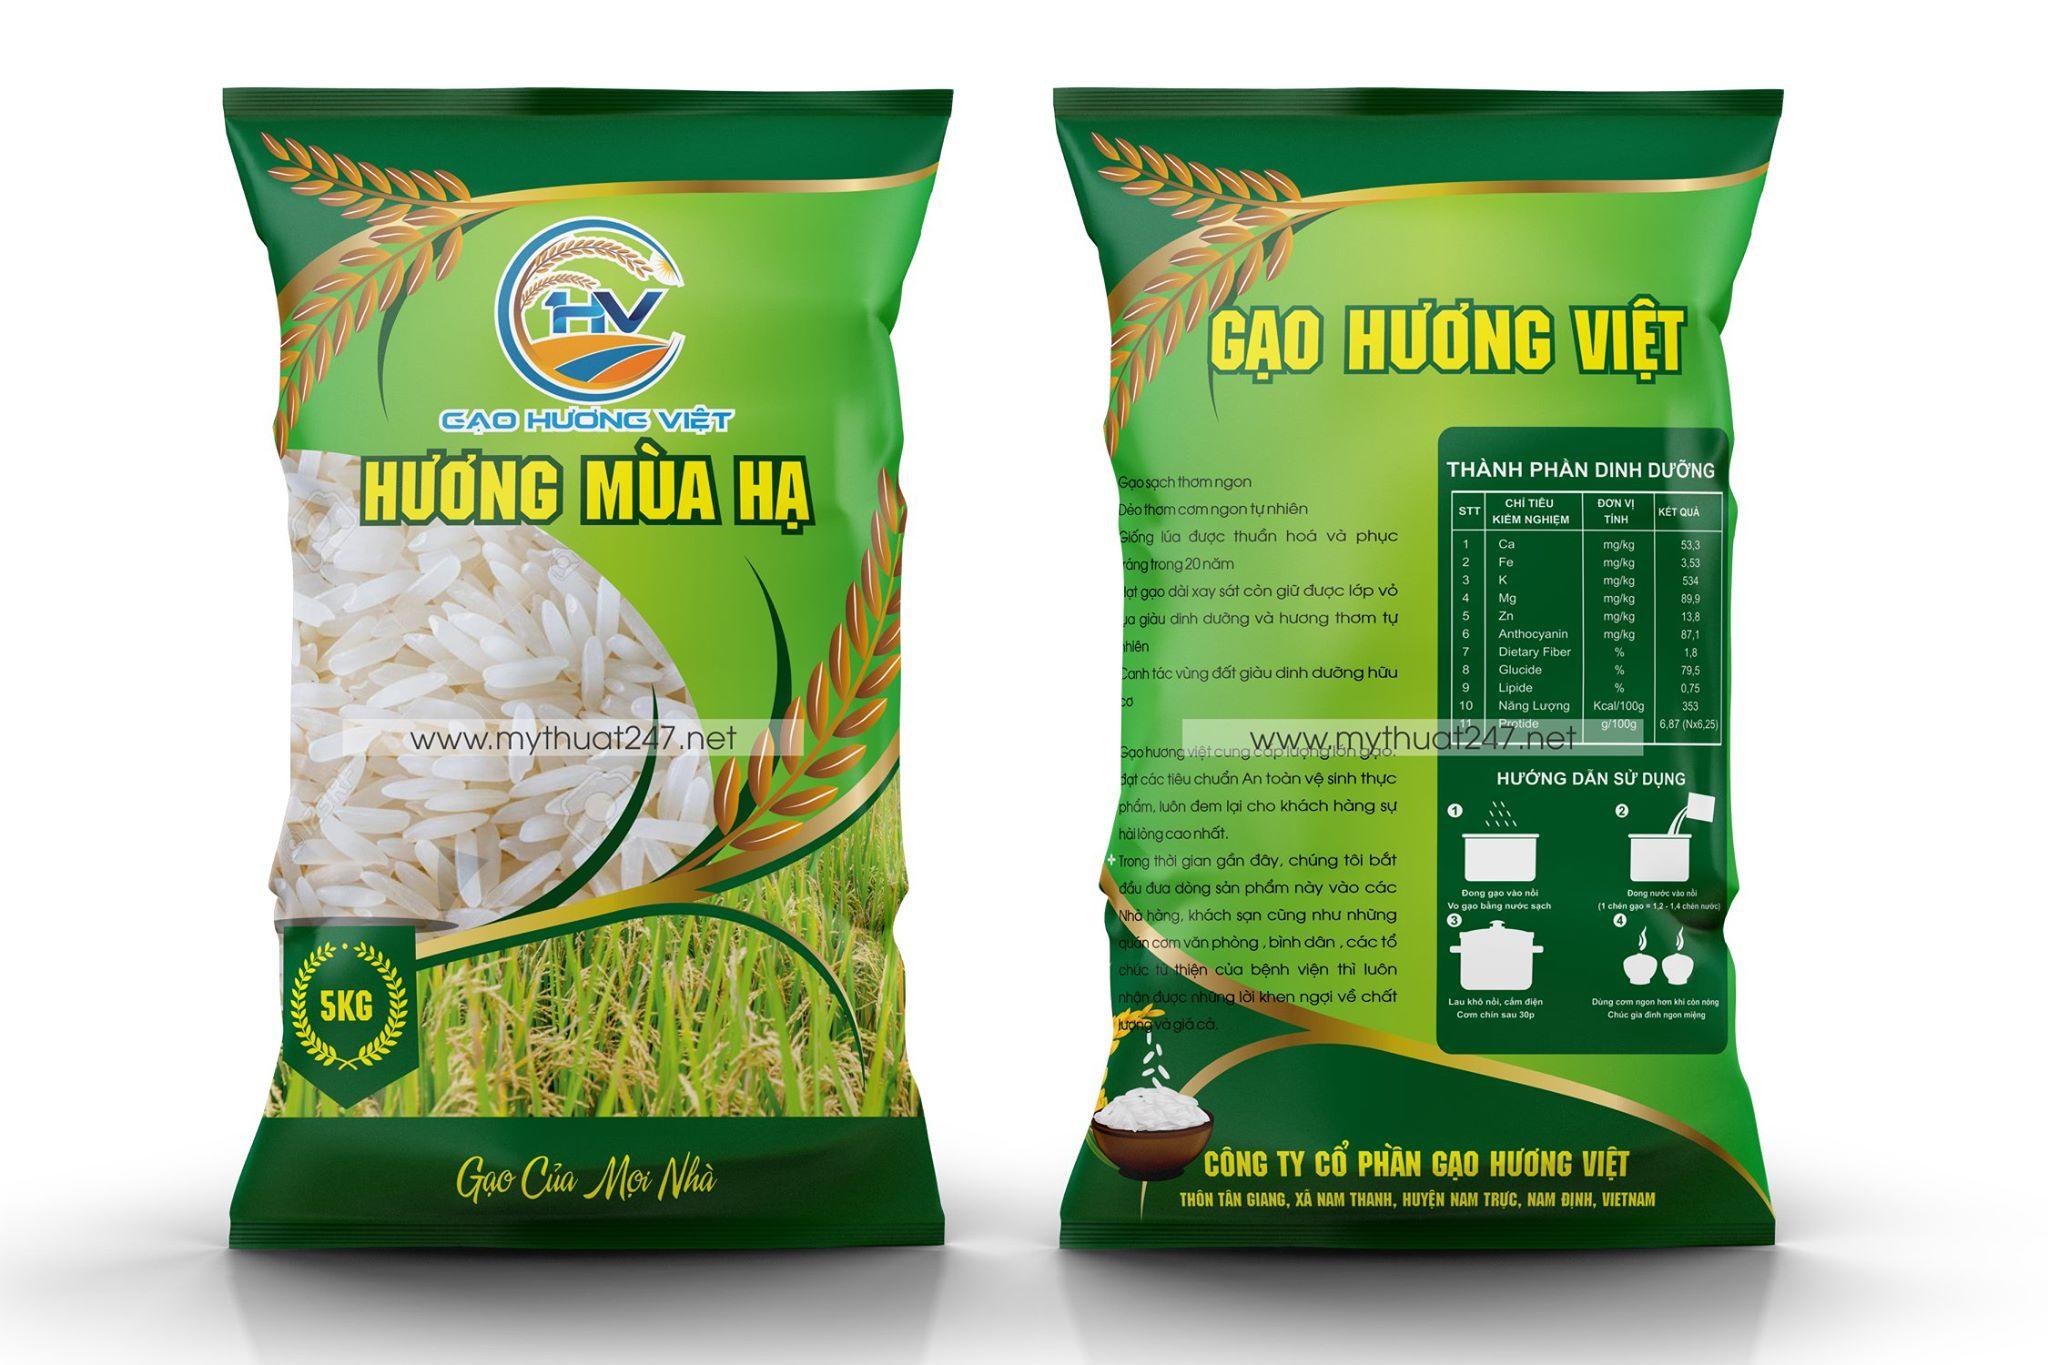 Thiết kế logo công ty cổ phần gạo hương việt